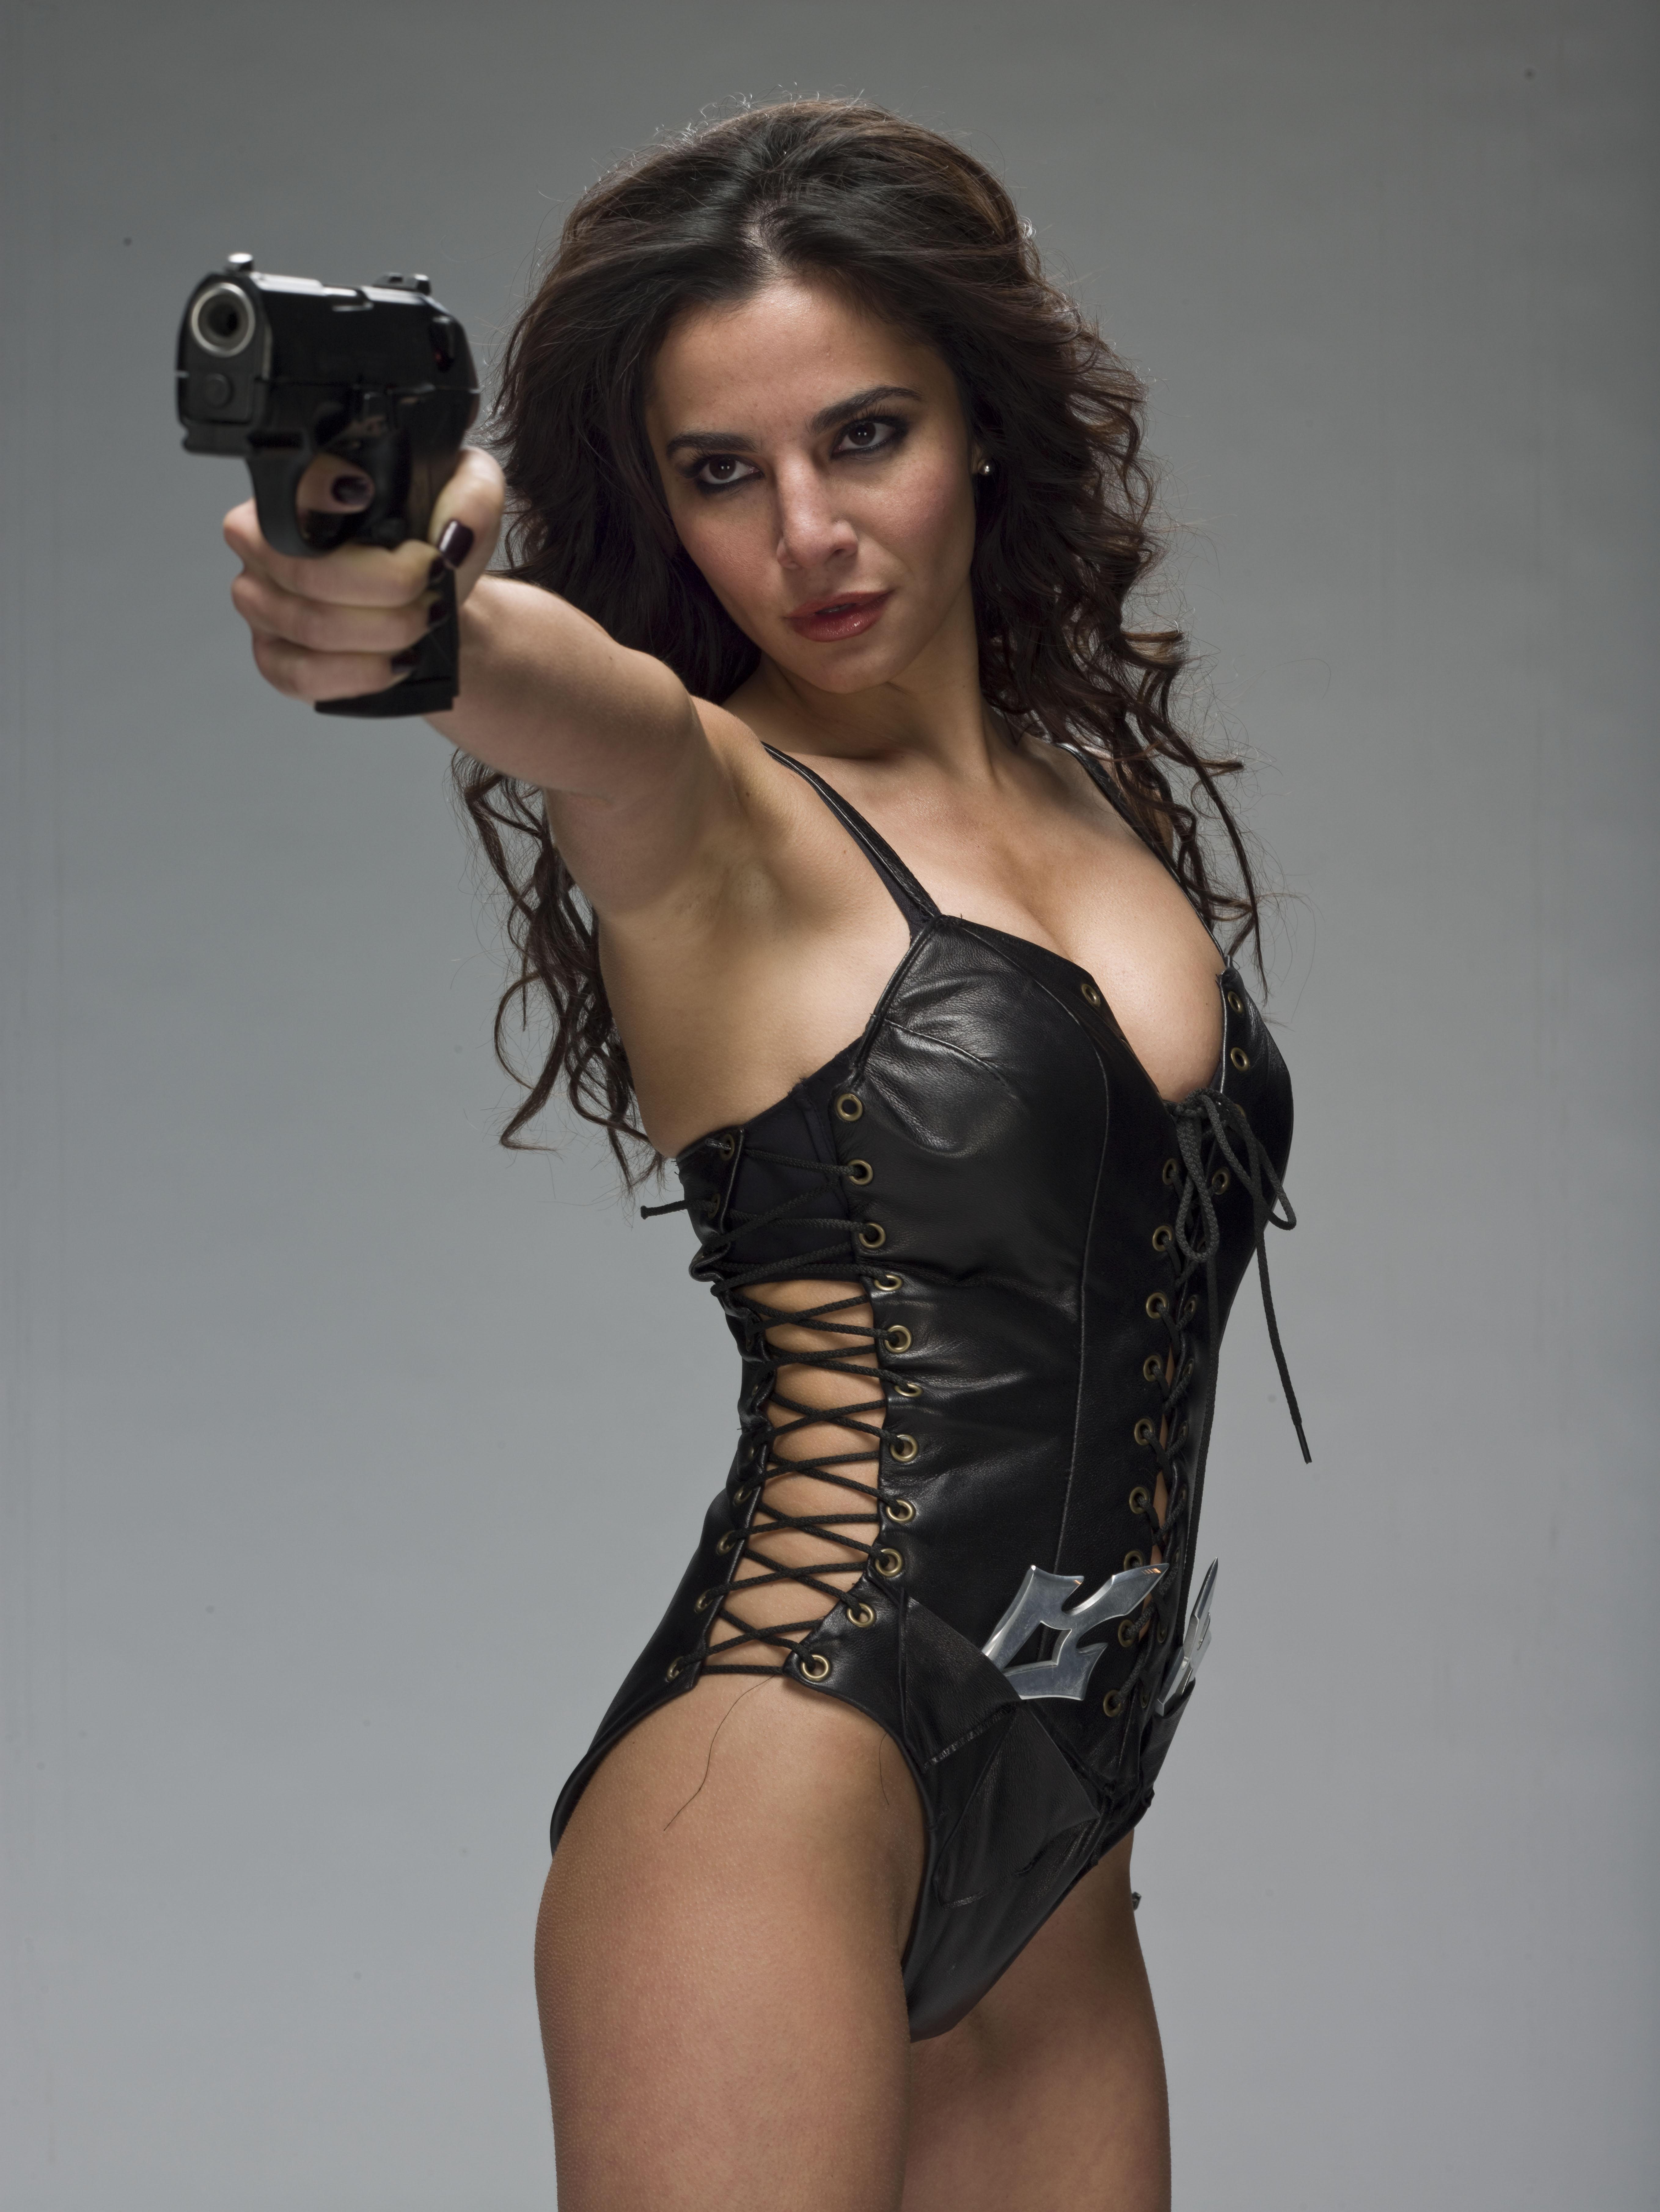 Фото девушек с оружием в руках 5 фотография